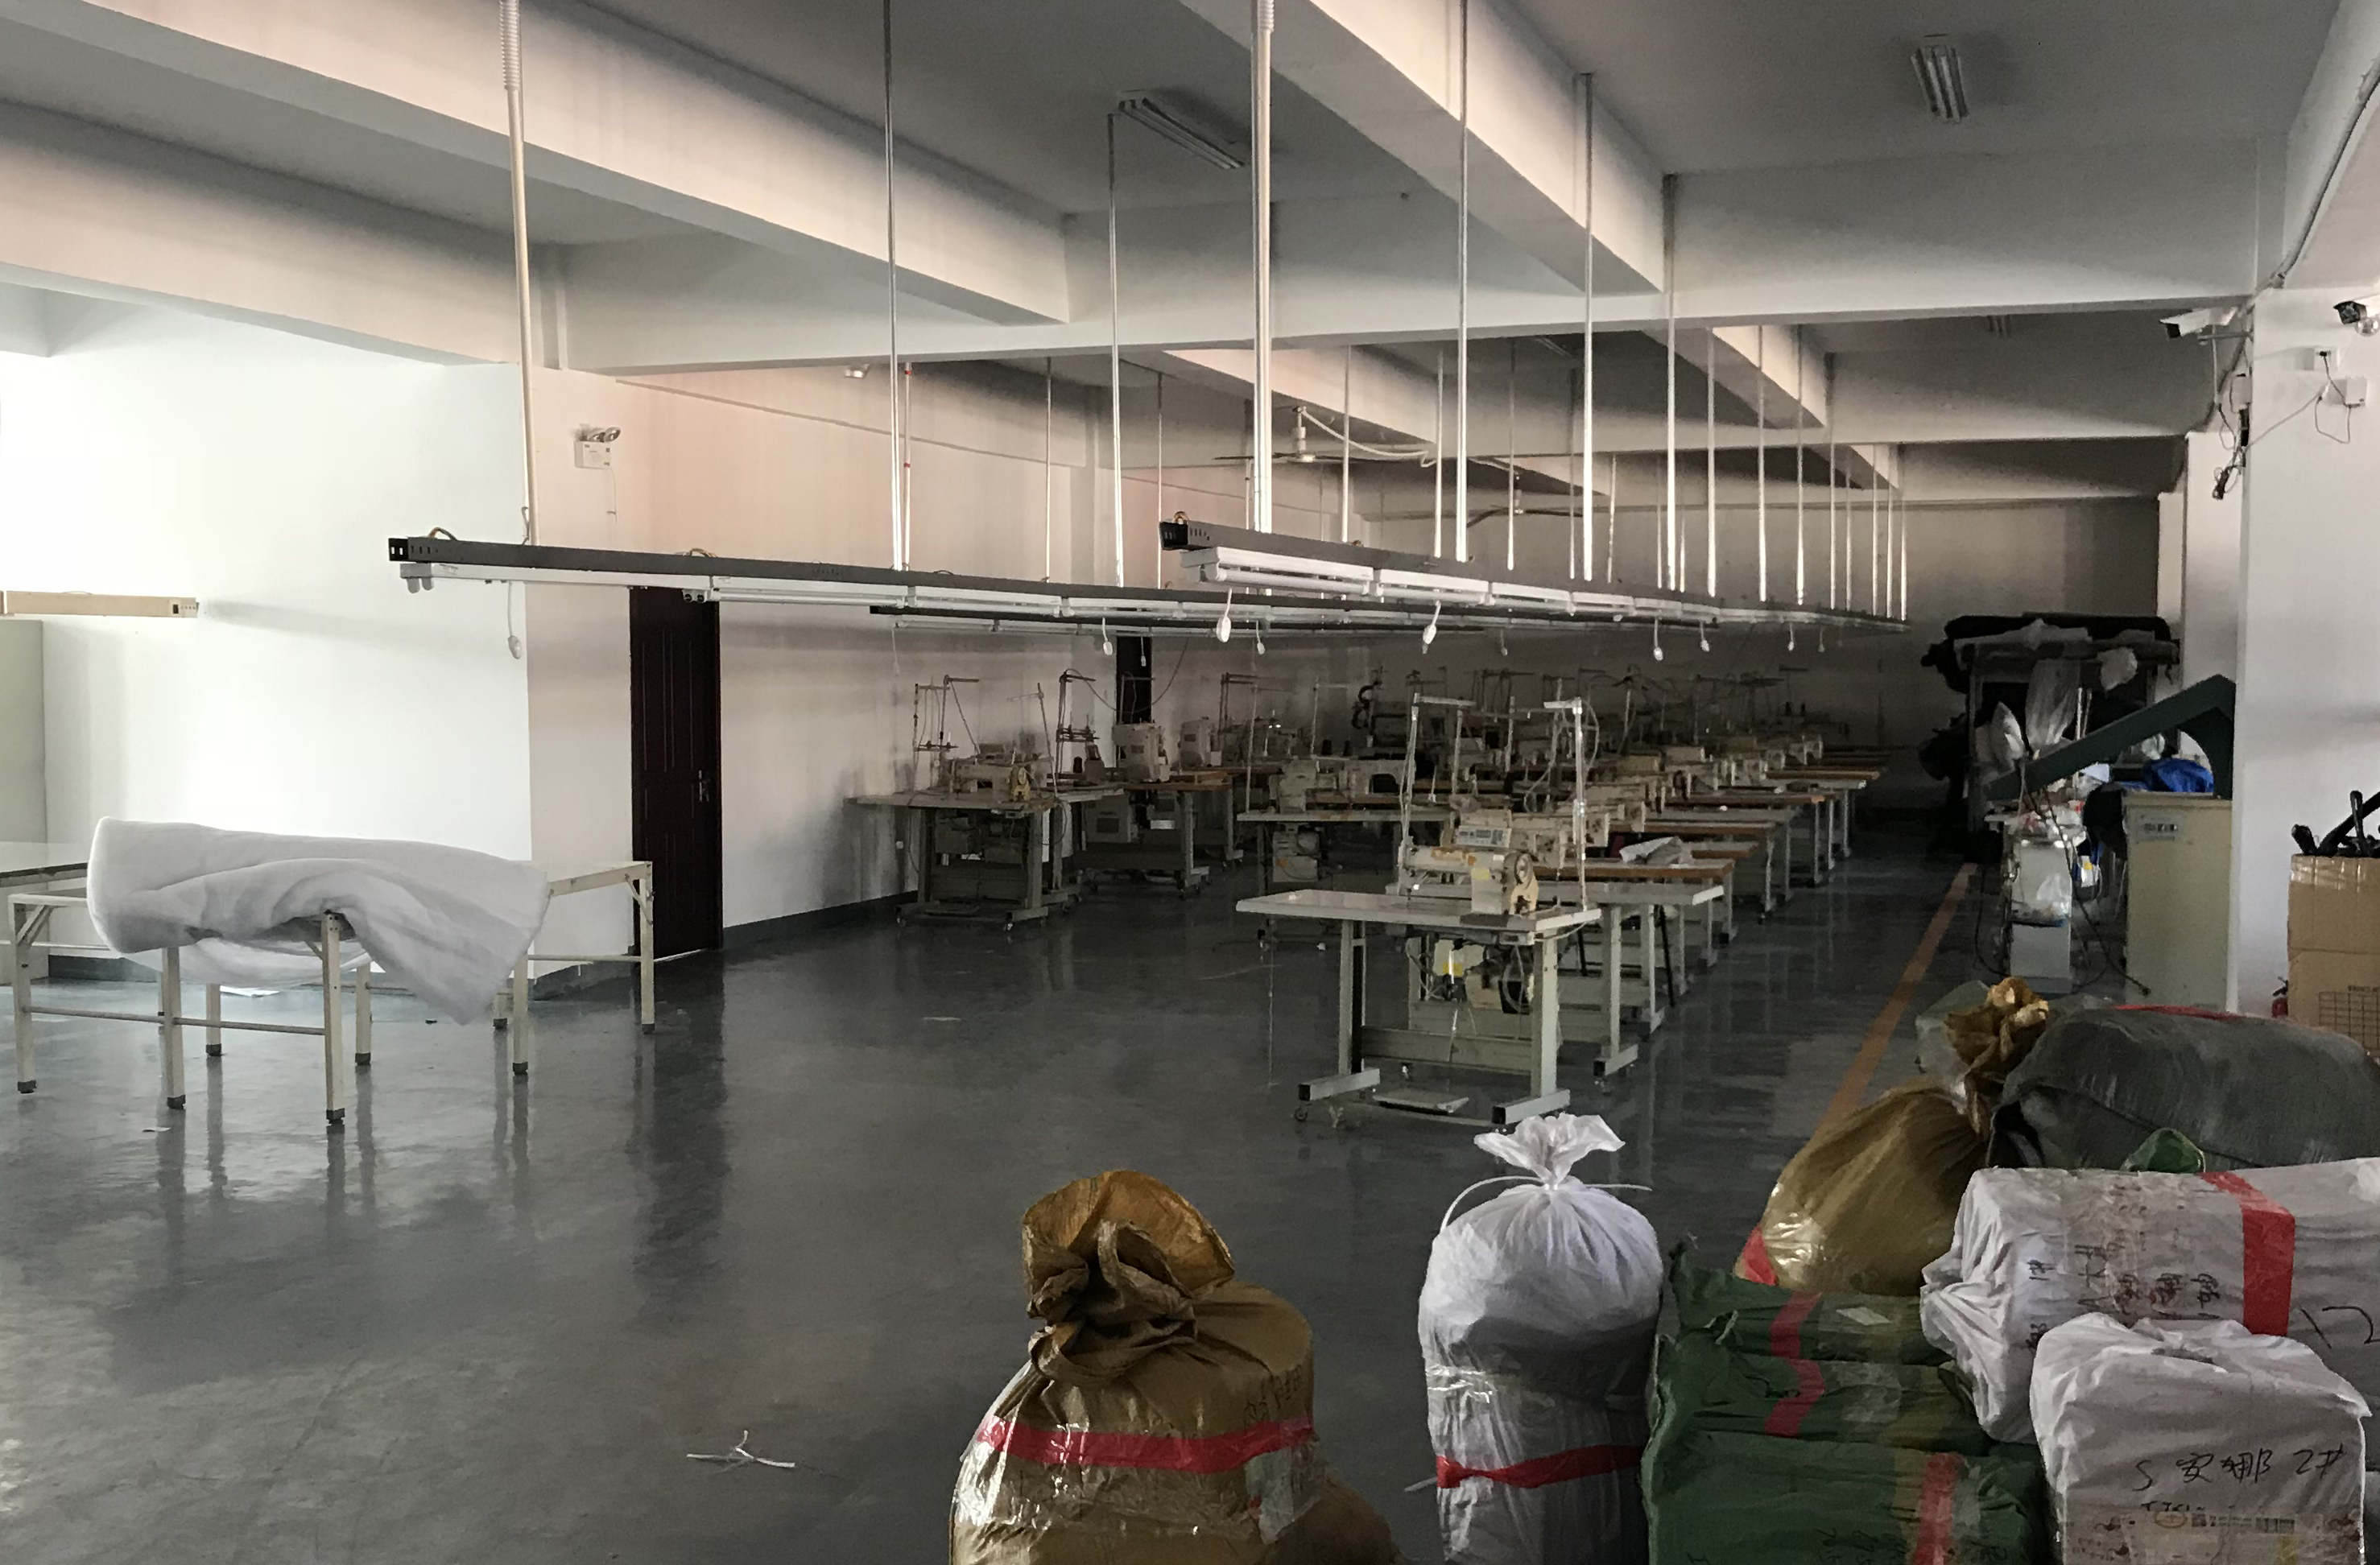 2018年,從家庭到企業舉債越來越多,造成許多企業倒閉。圖為遼寧省丹東的一家關閉了的成衣廠。(RYAN MCMORROW/AFP/Getty Images)